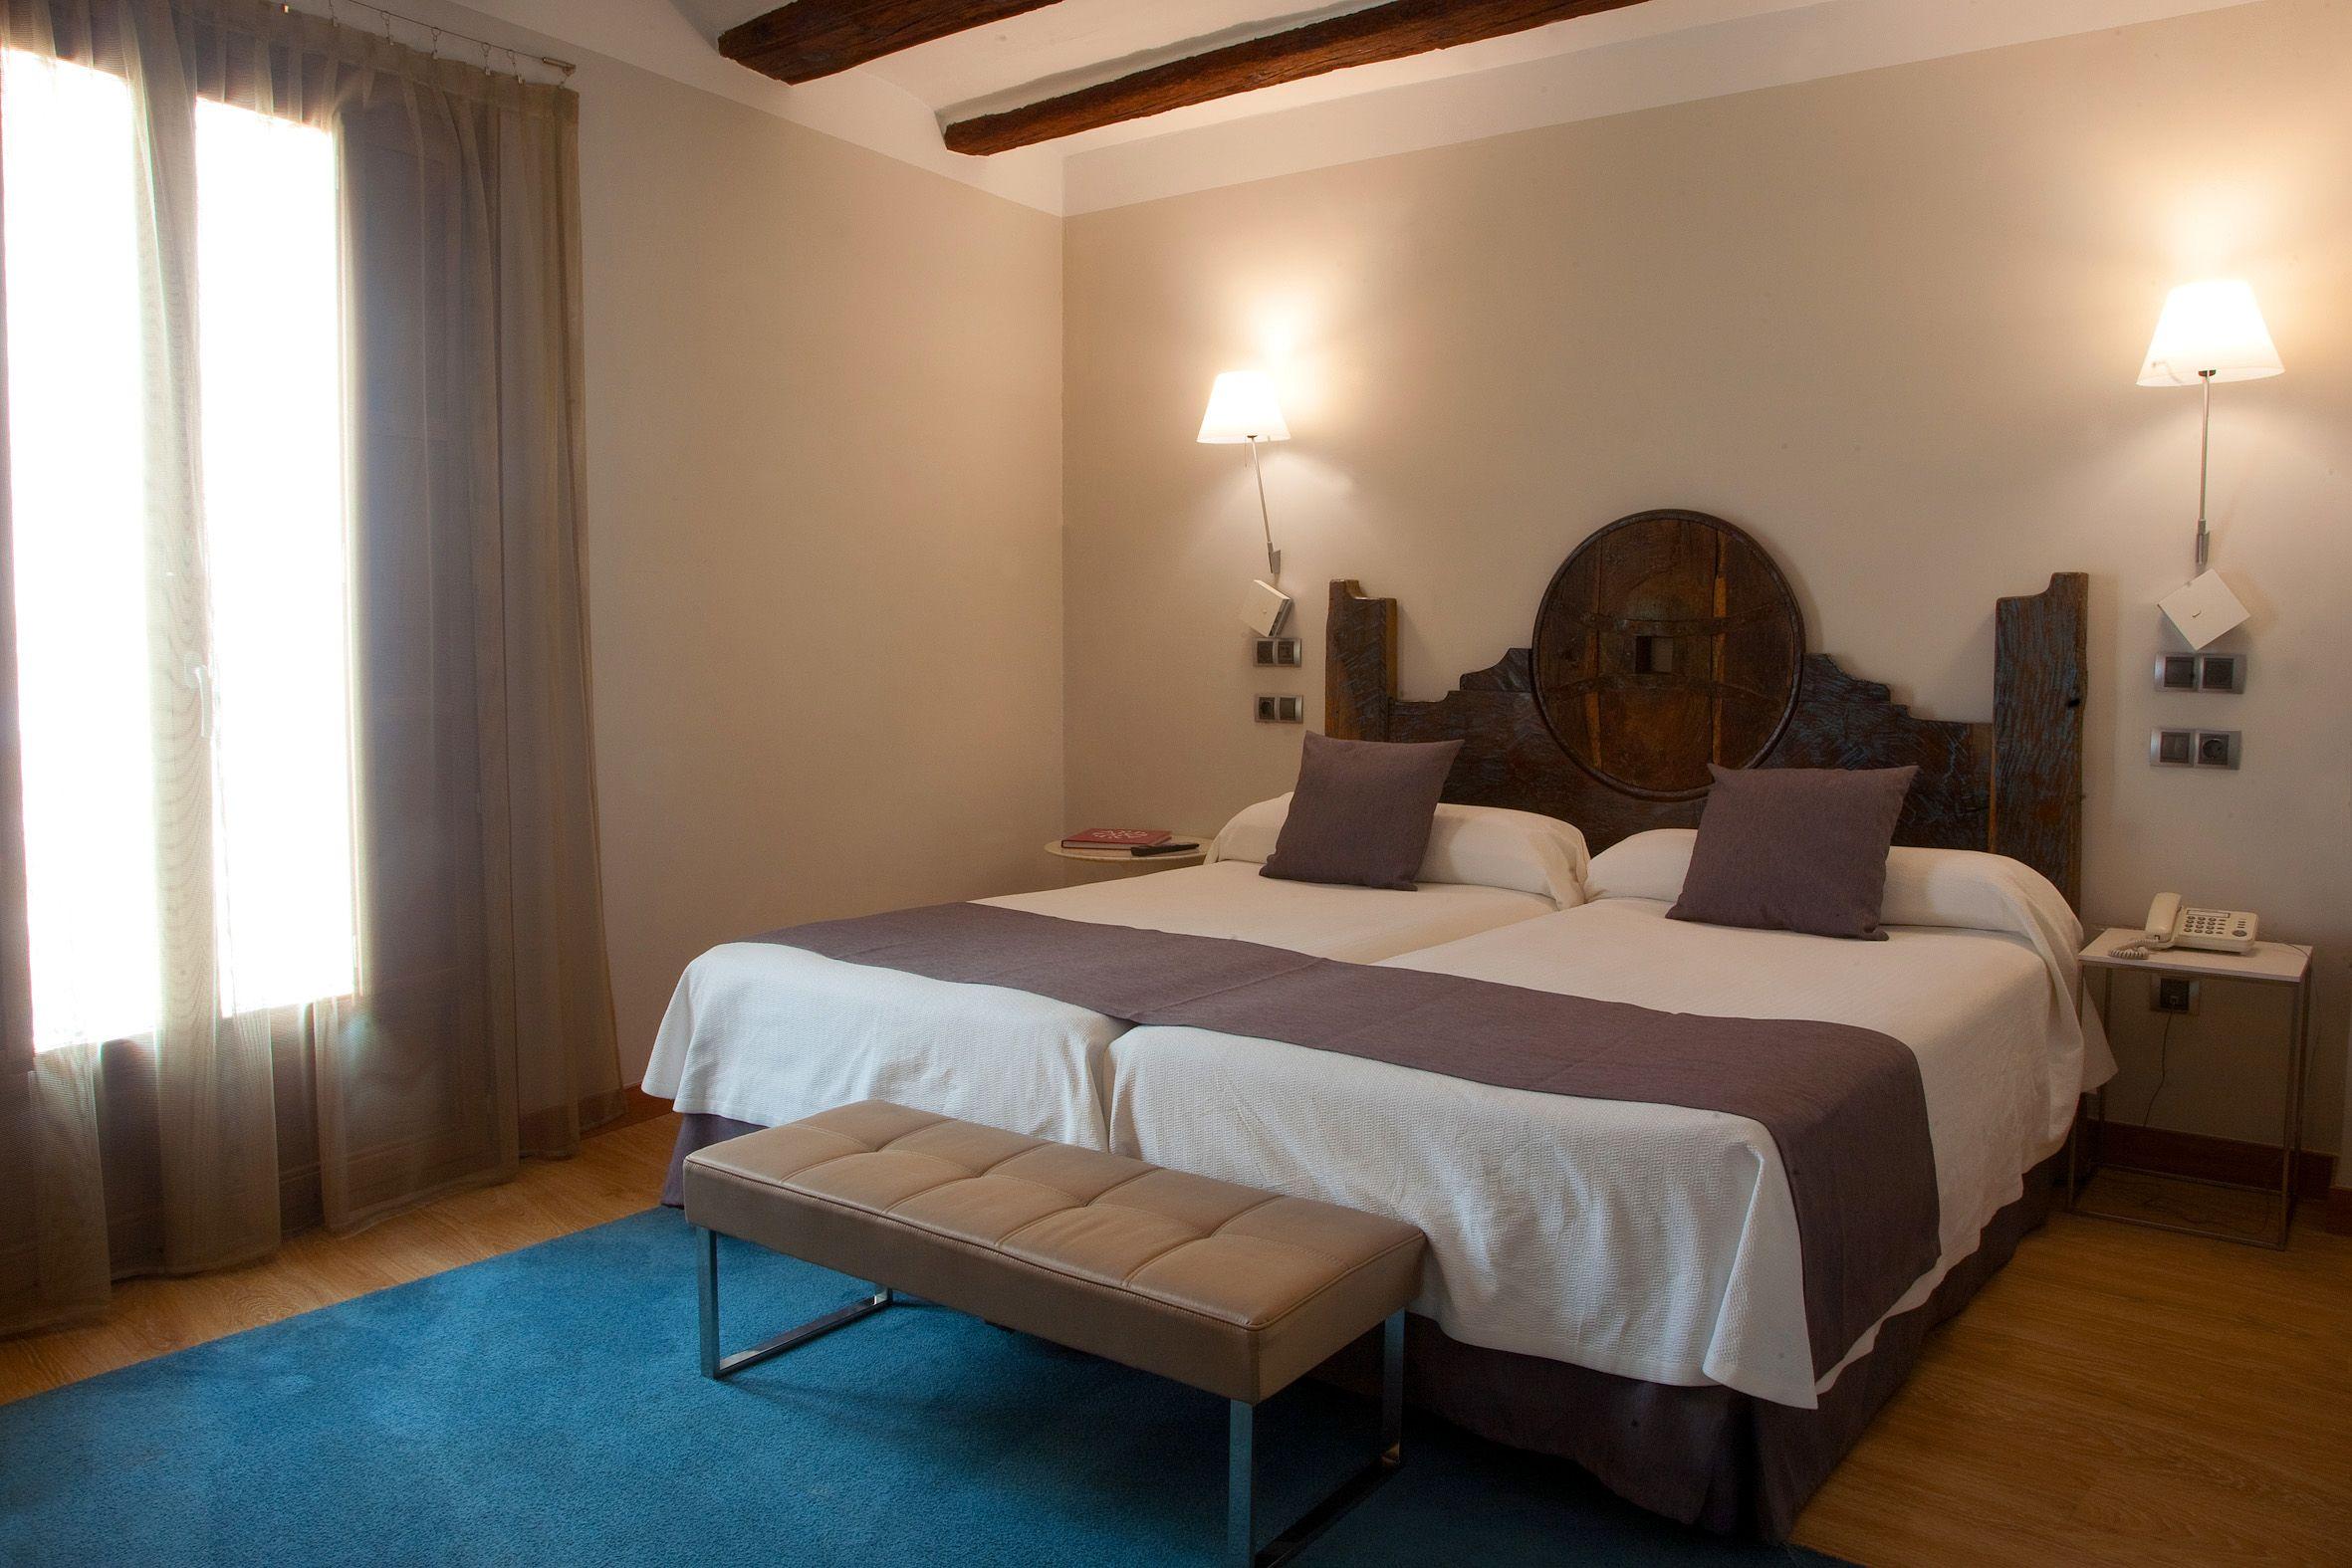 Hotel con párking interior en Estella, Navarra